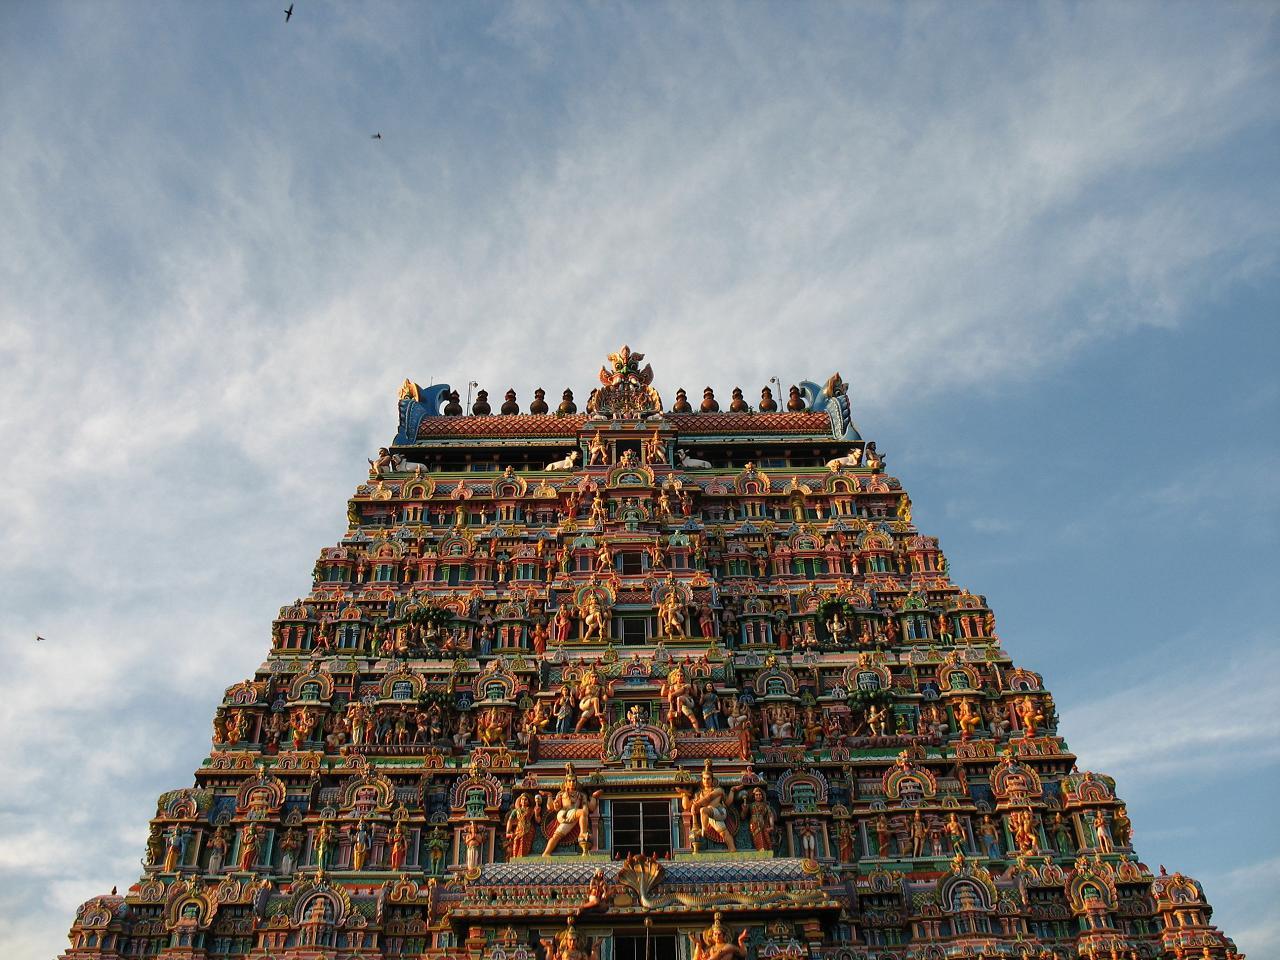 Chidambaram India  city photo : Chidambaram Nataraja temple – photo gallery, photos of India